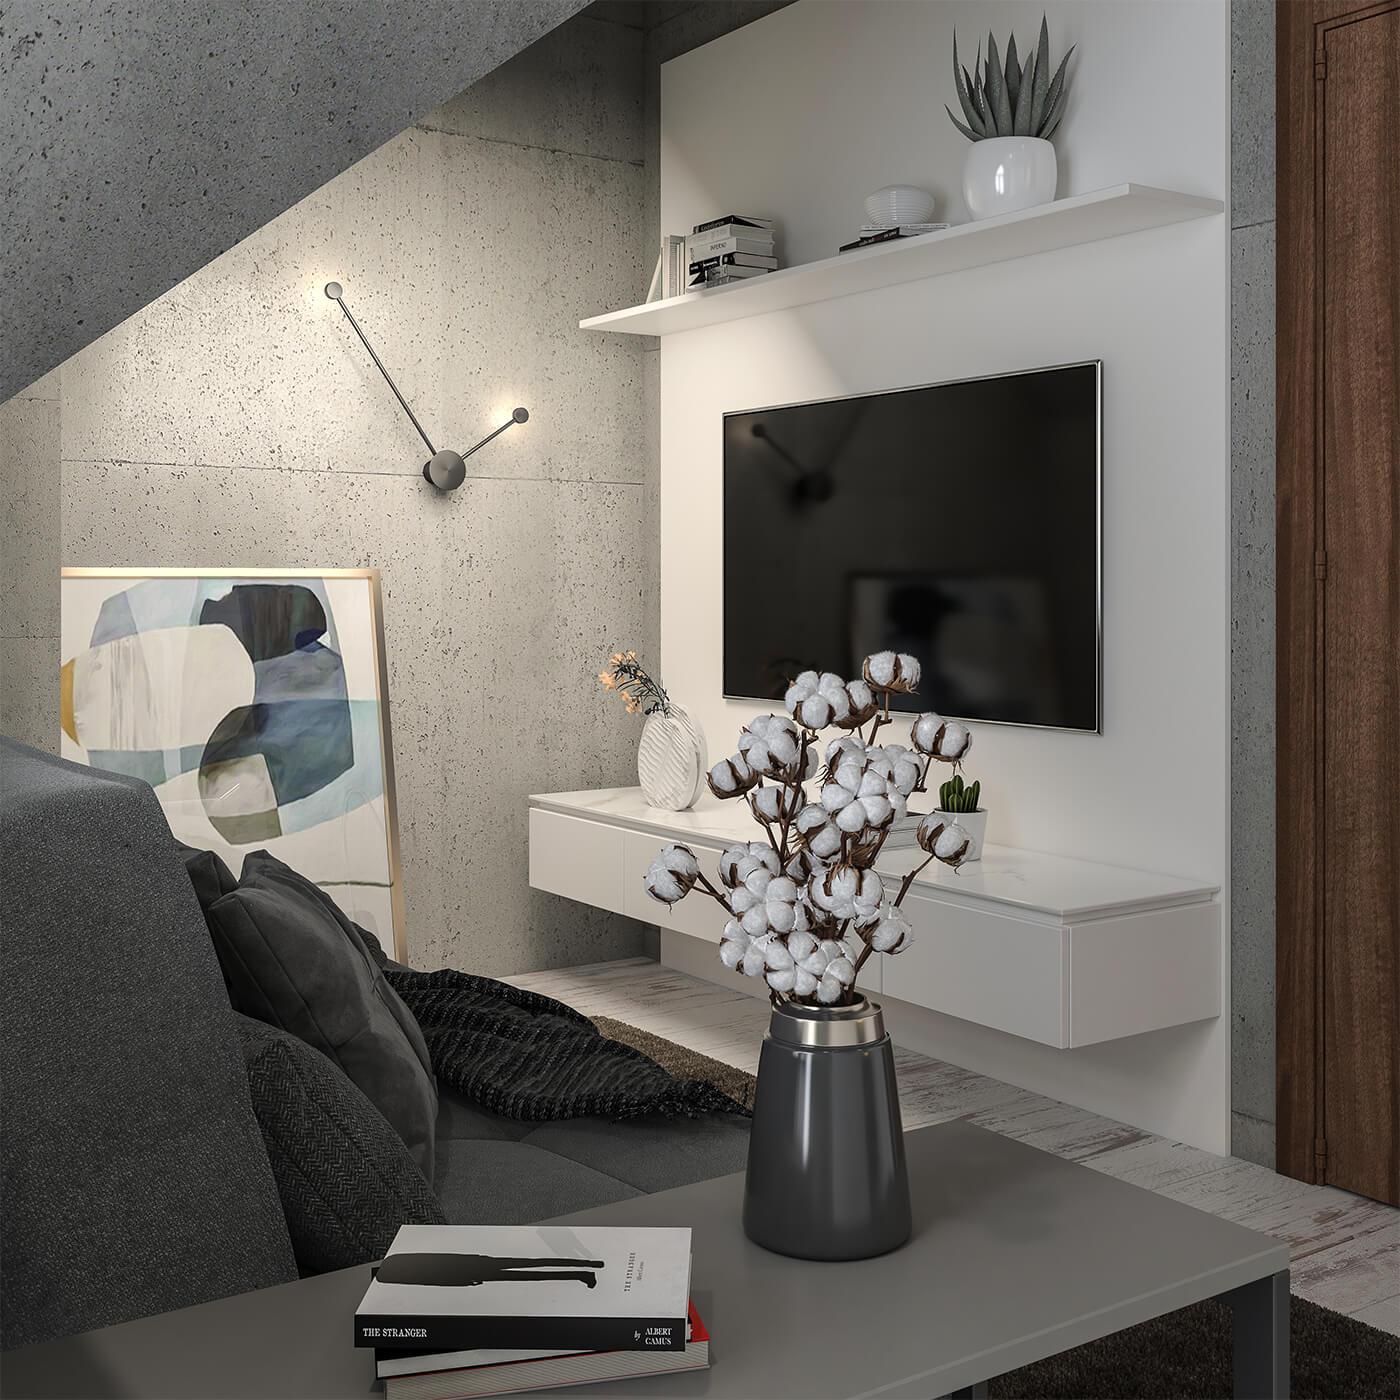 interioren-dizain-na-vsekidnevna-na-tavansko-pomeshtenie